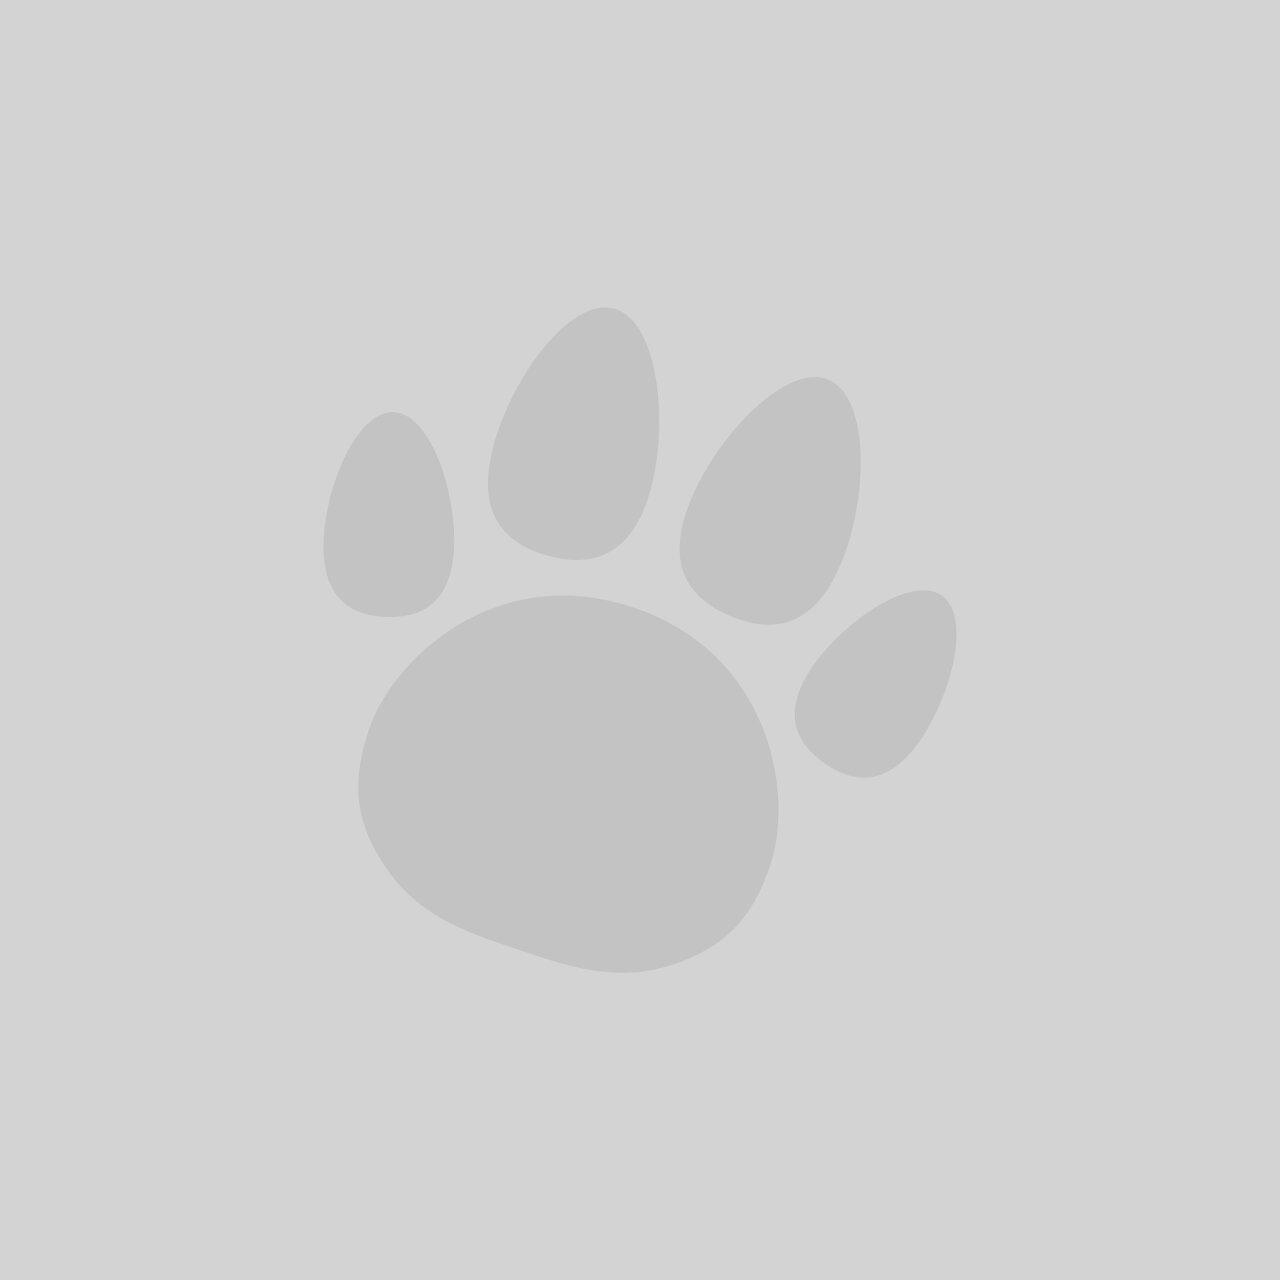 Beaphar Finger Dog Toothbrush